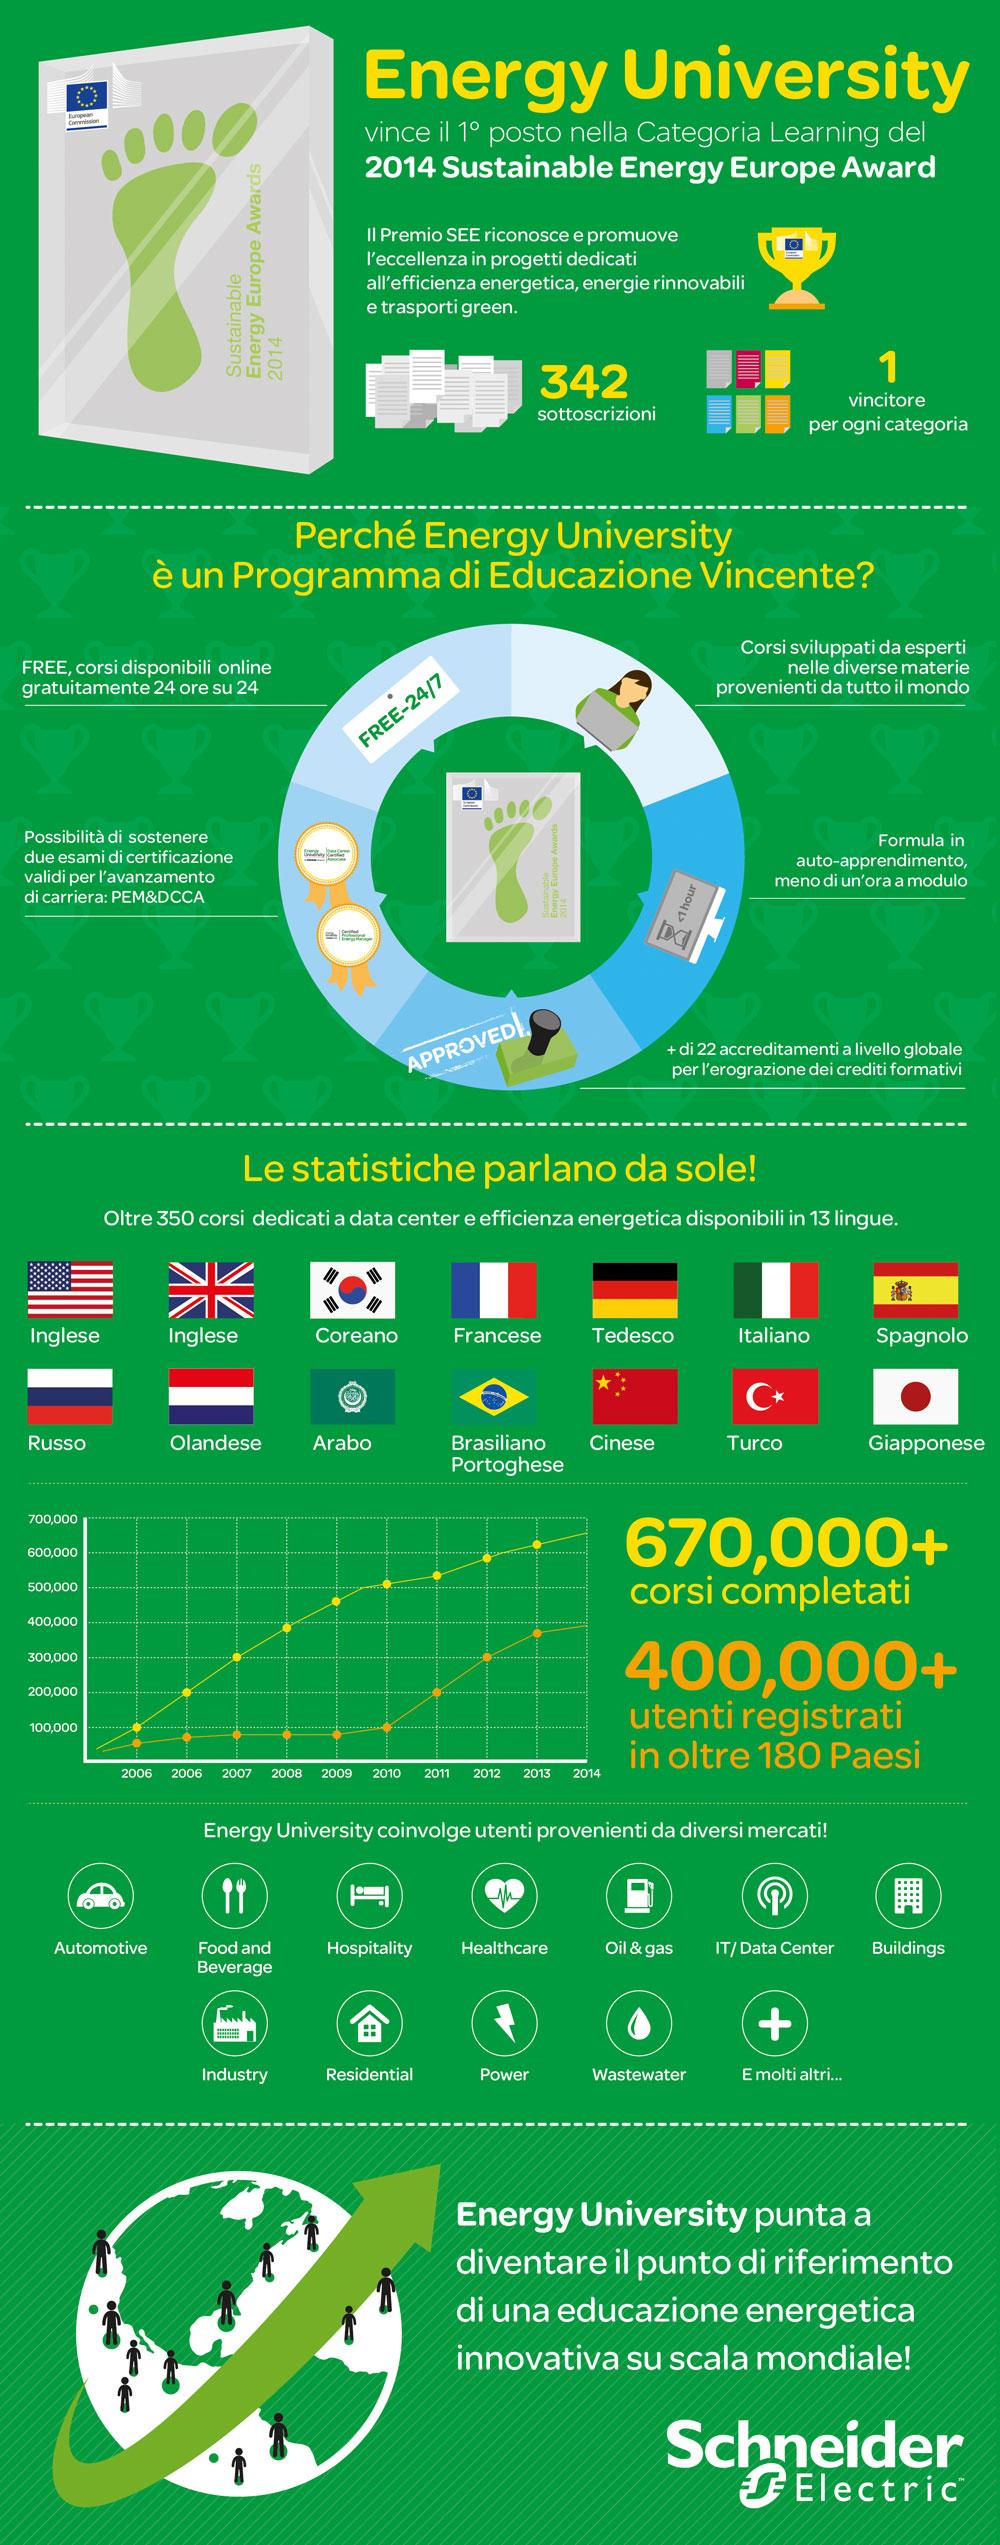 Energy University miglior programma di formazione secondo l'Unione Europea -al primo posto nei Sustainable Week Award 2014